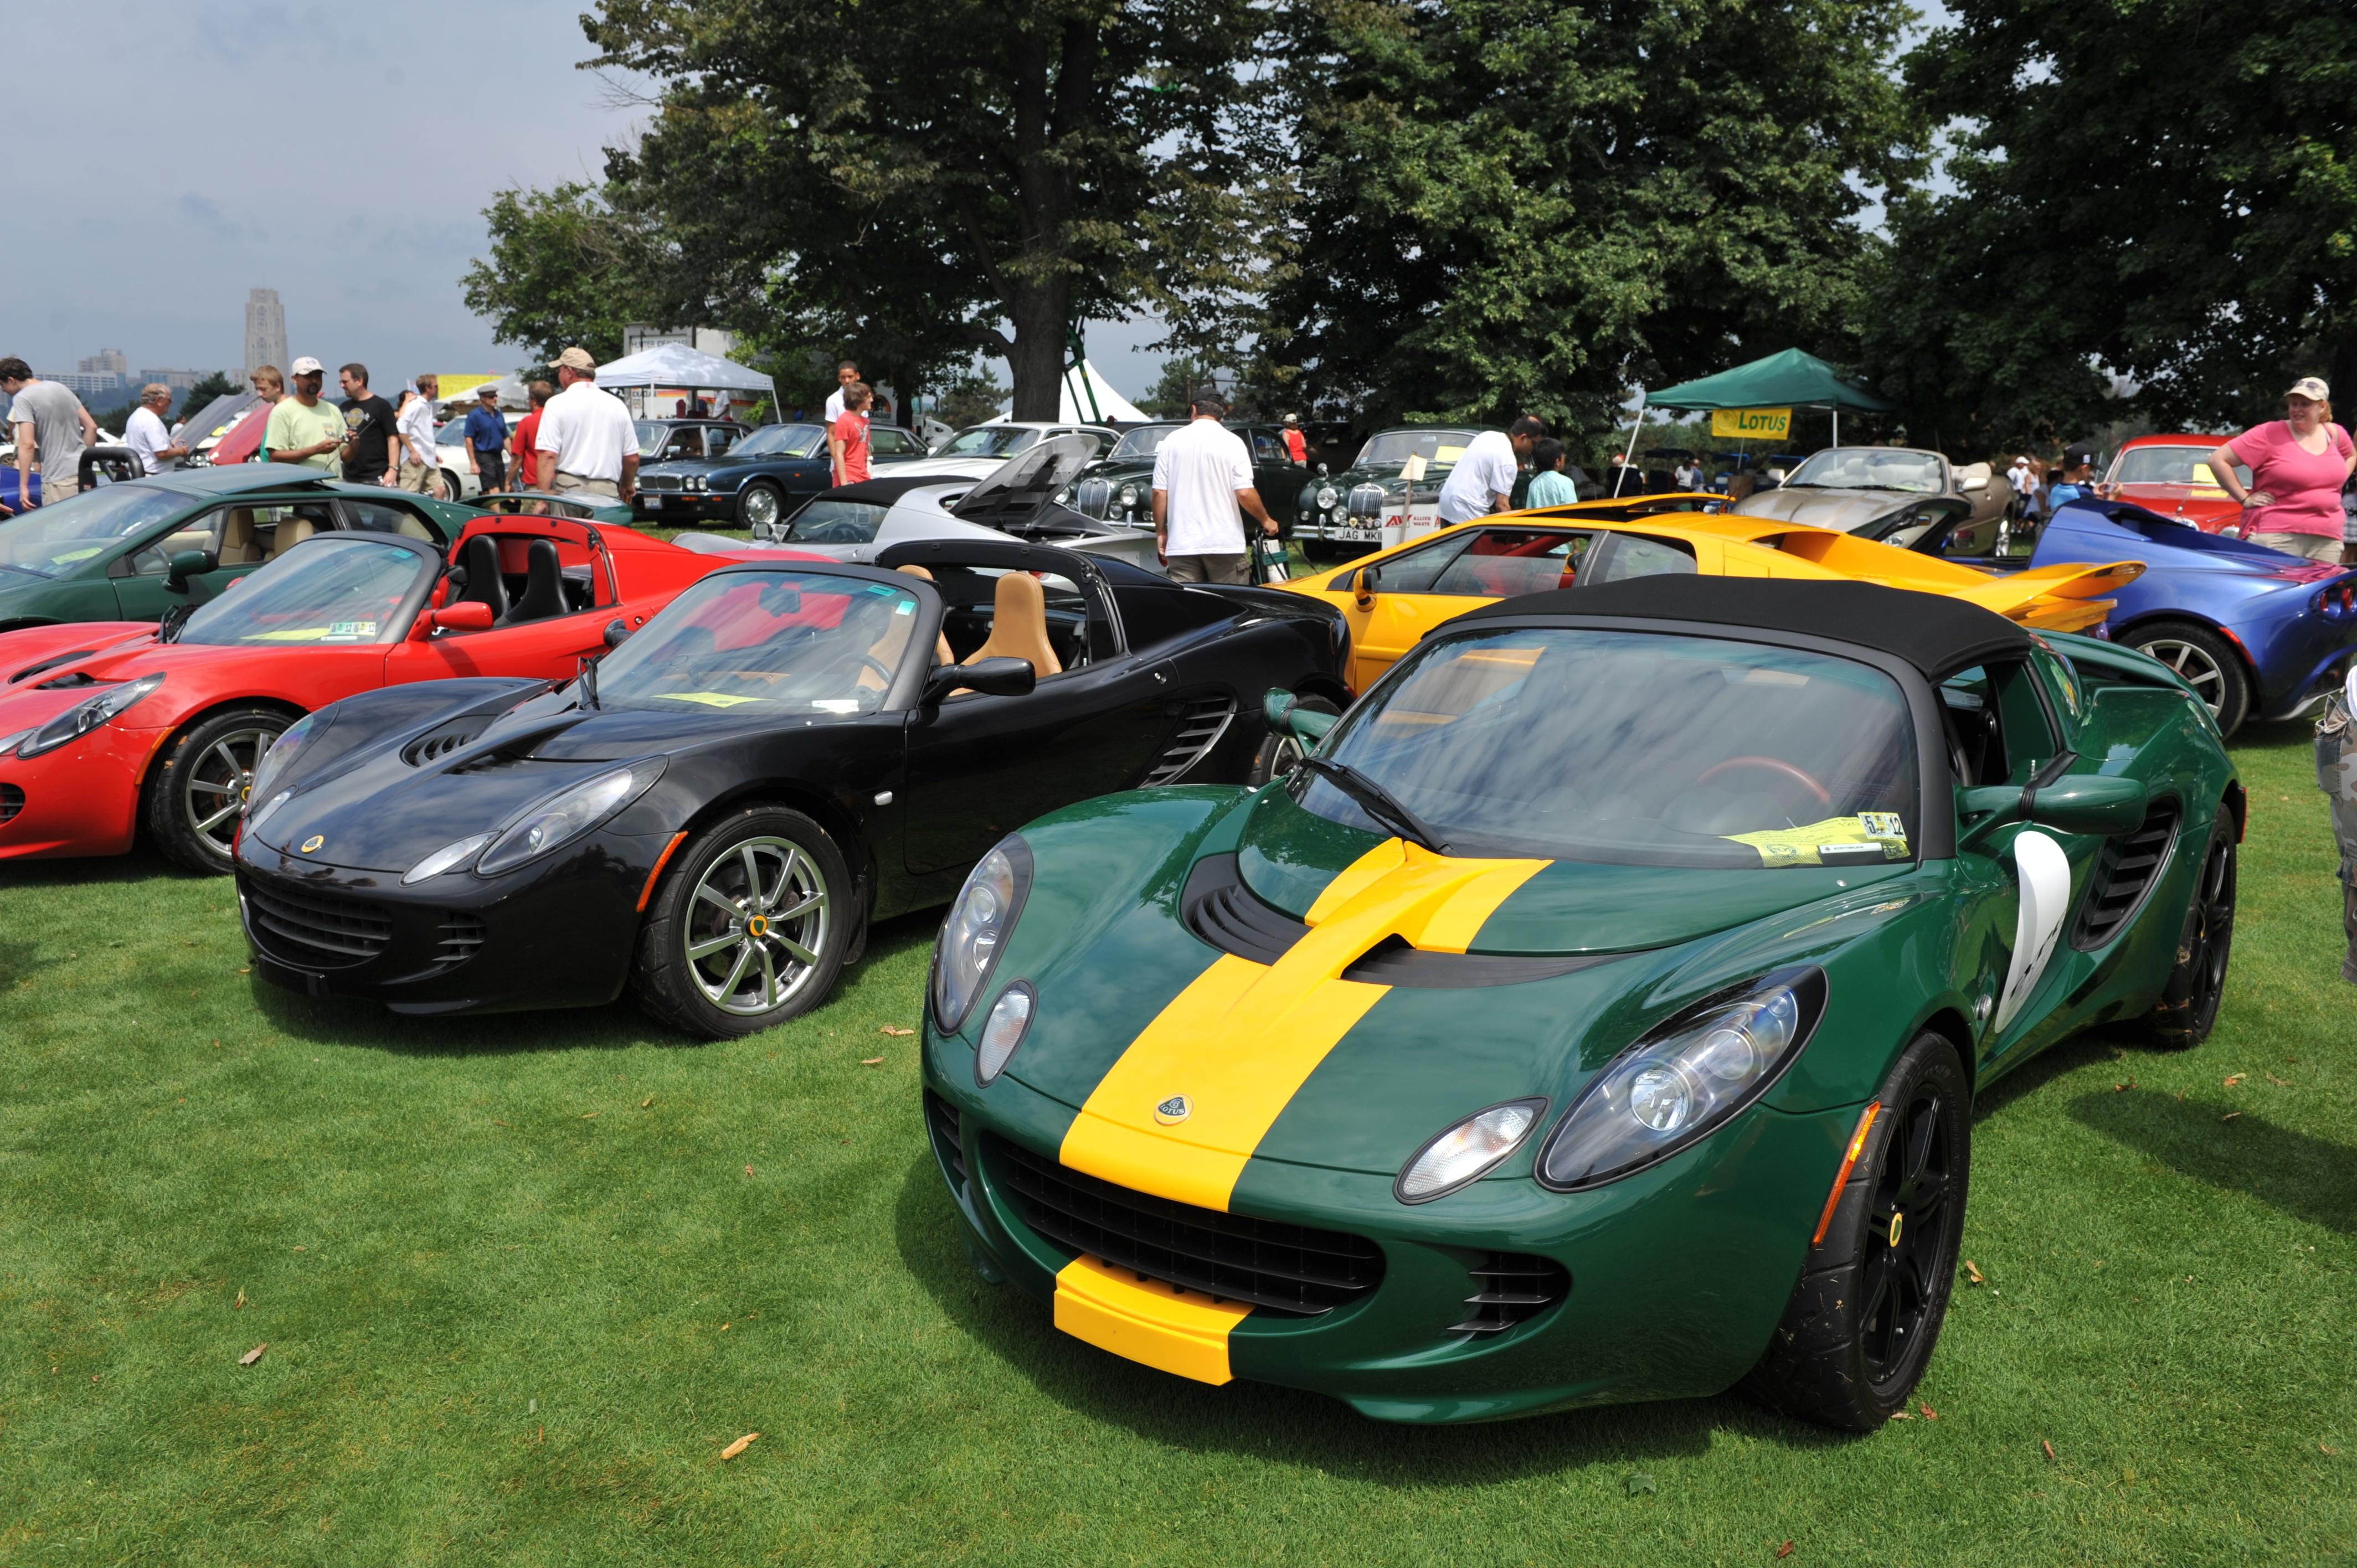 https://www.conceptcarz.com/images/Lotus/09-Lotus-Elise-DV-11-PVGP-01.JPG